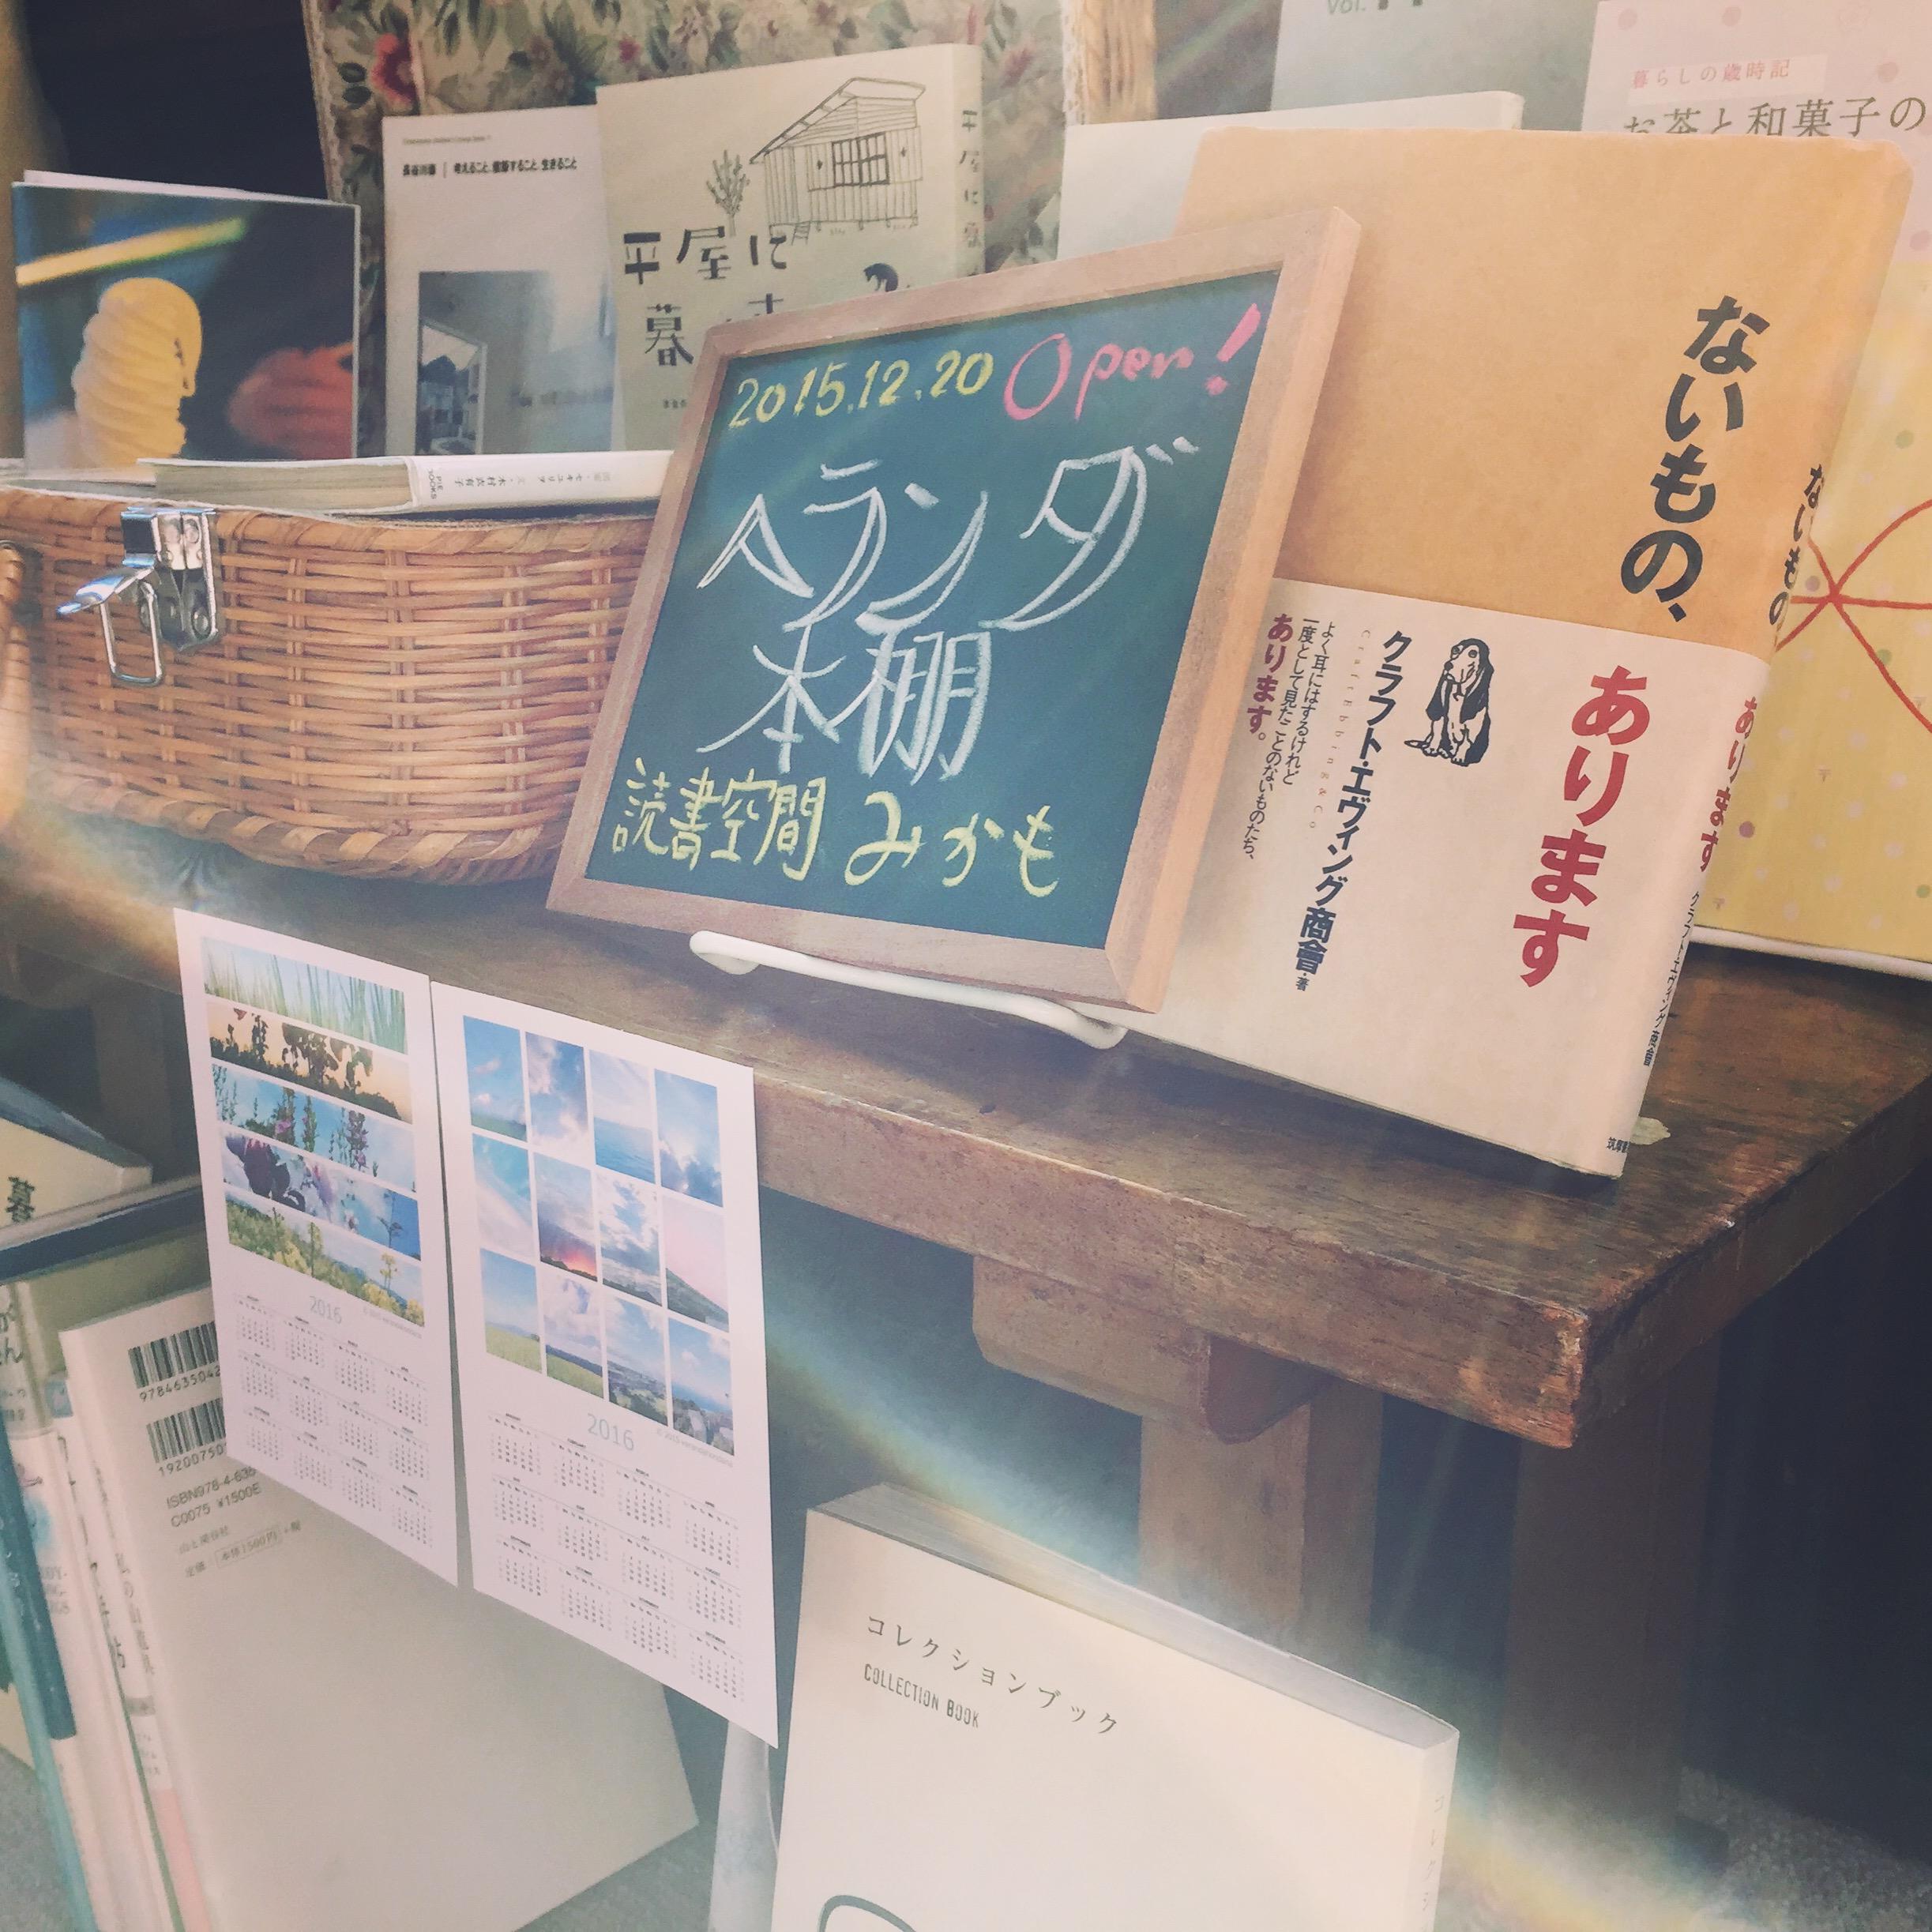 読書空間みかも一箱古本市(2015/12/20)